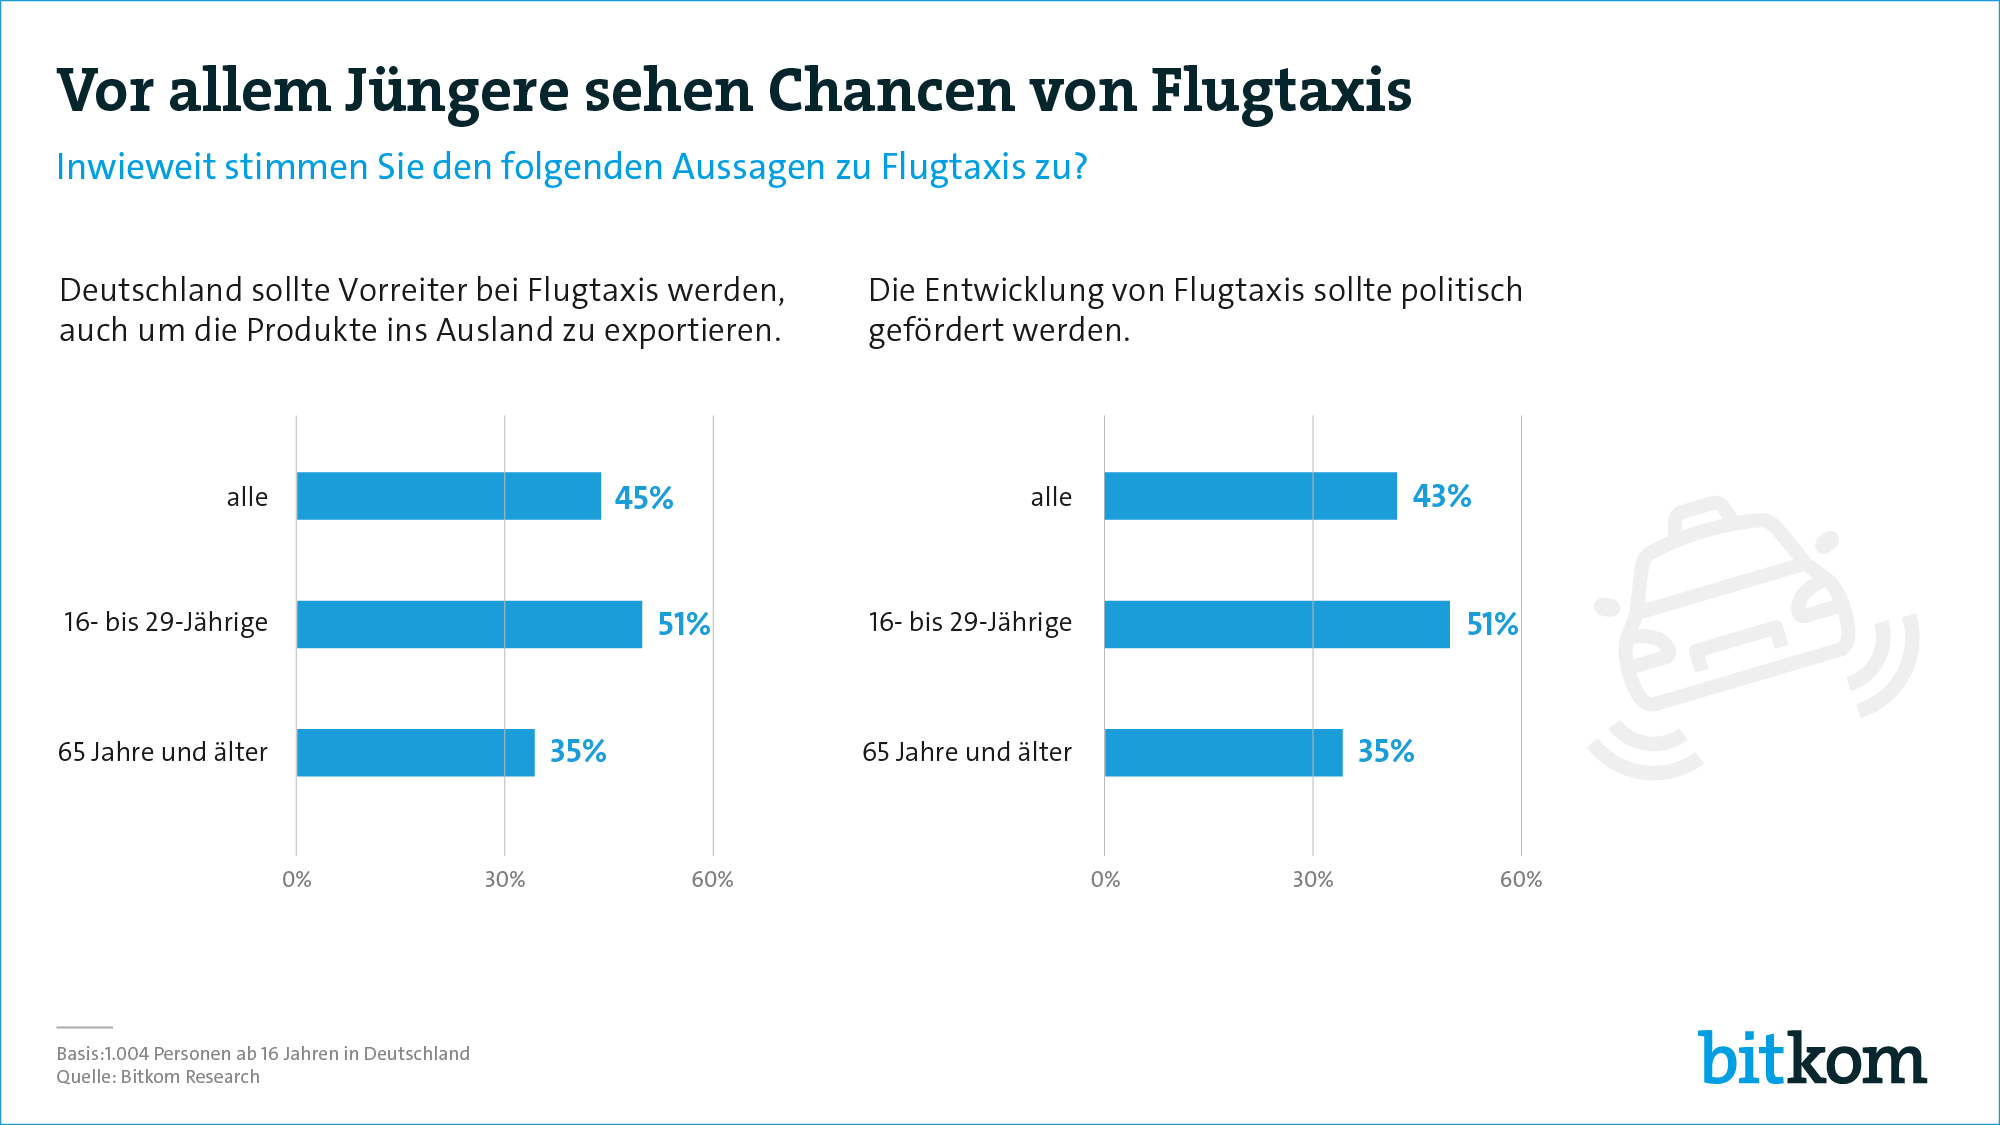 Flugtaxis als Chance für Deutschland